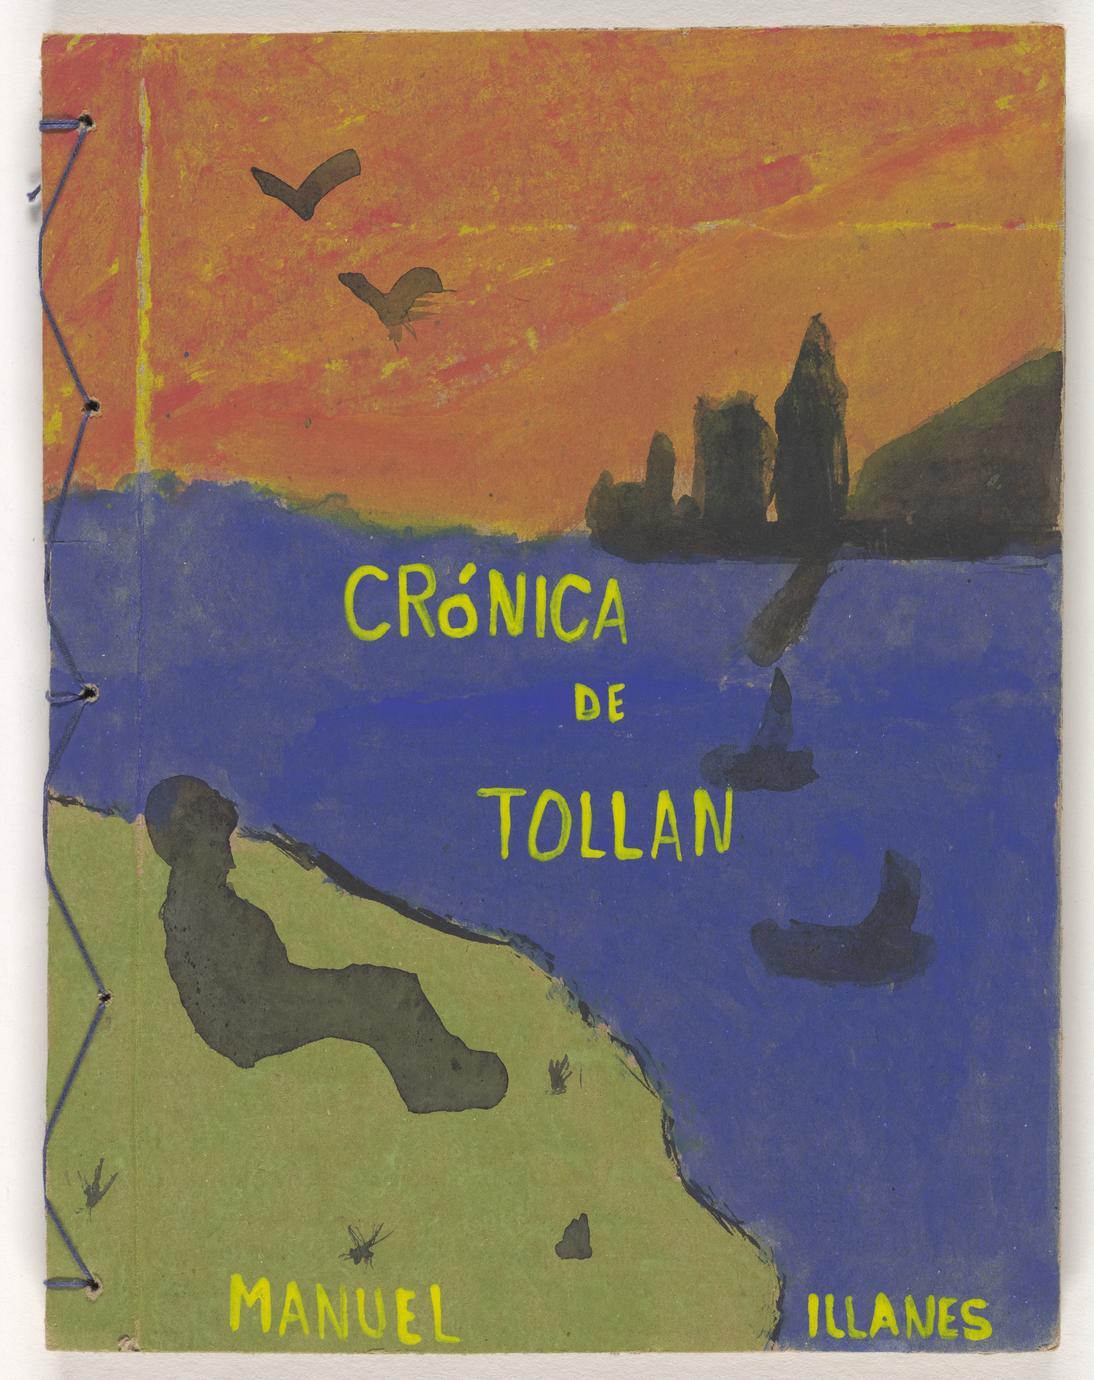 Crónica de Tollan (1 of 3)